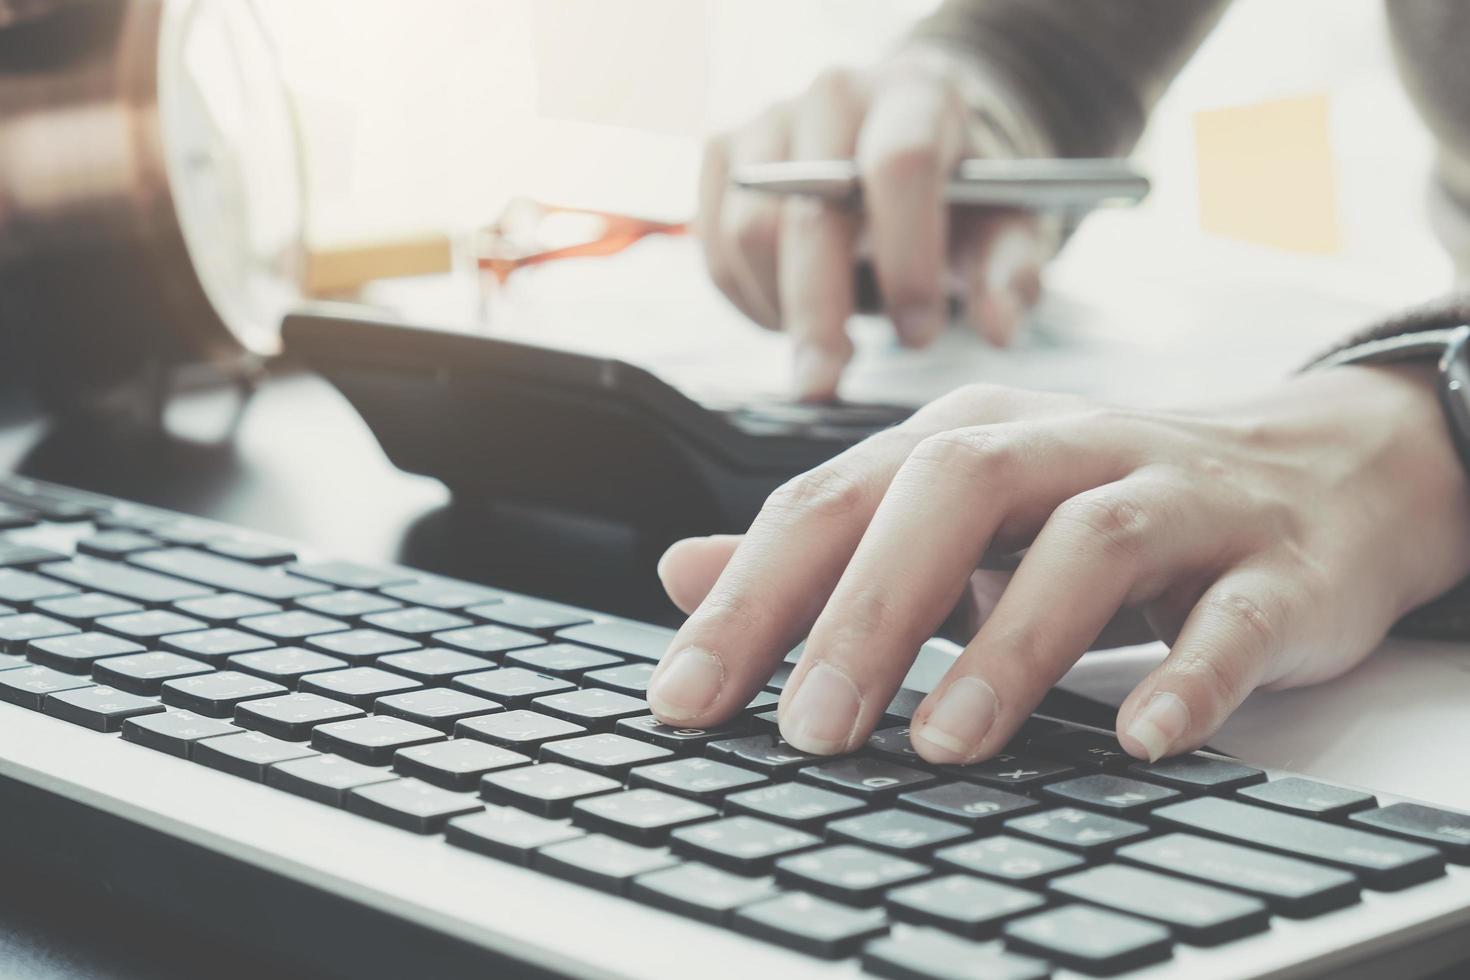 zakelijke professional typen op toetsenbord tijdens het gebruik van de rekenmachine foto